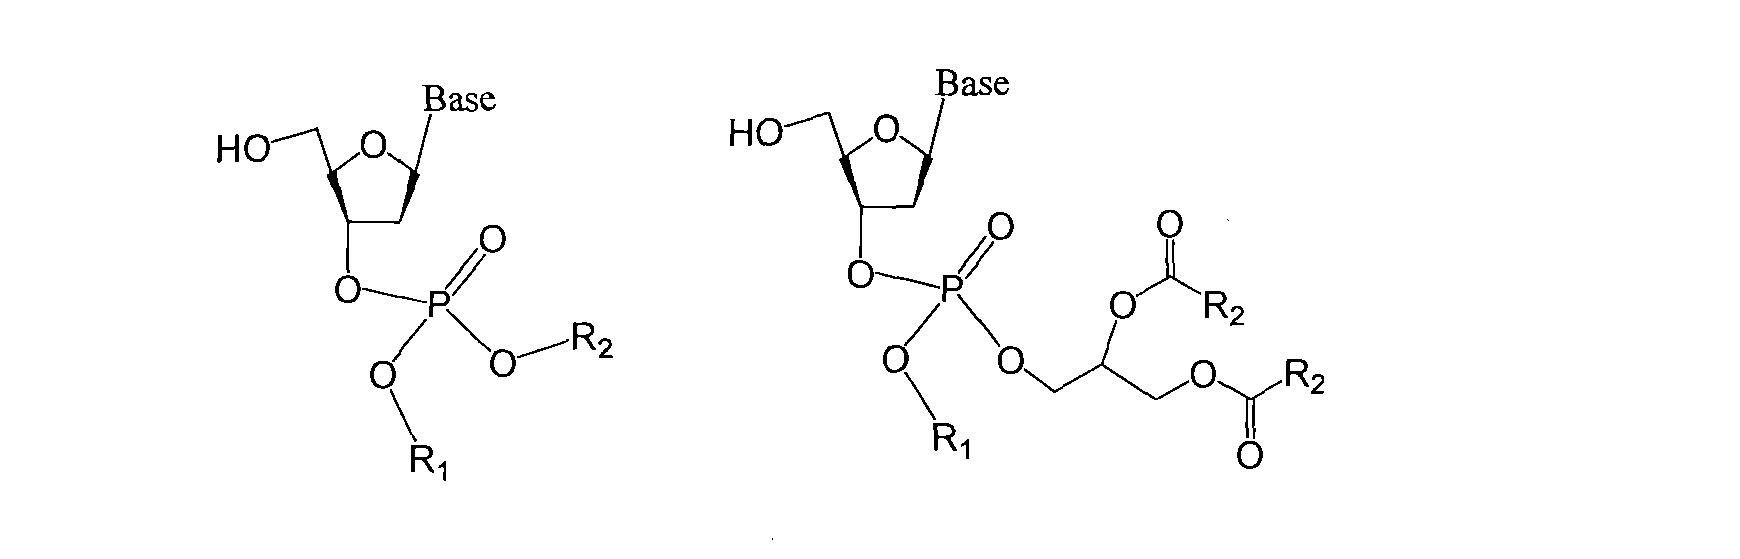 [0051] 实施例I化合物B的合成 [0052] 反应路线如图I所示。 [0053] 取化合物BI (亚磷酰化核苷单体均购自国药集团,为DNA合成常用化合物,市场来源广泛)(740mg), IH-四唑(70mg),无水无氧条件下混合,溶于双蒸无水CH3CN 15ml中,搅拌。取化合物正十六醇(棕榈醇)(360mg),溶于IOml双蒸无水CH3CN中,缓缓注入前述搅拌反应中。室温继续搅拌反应2小时,TLC鉴定反应基本完全后冰浴降温。 [0054] 冰浴搅拌下逐滴滴加过氧叔丁醇(O.